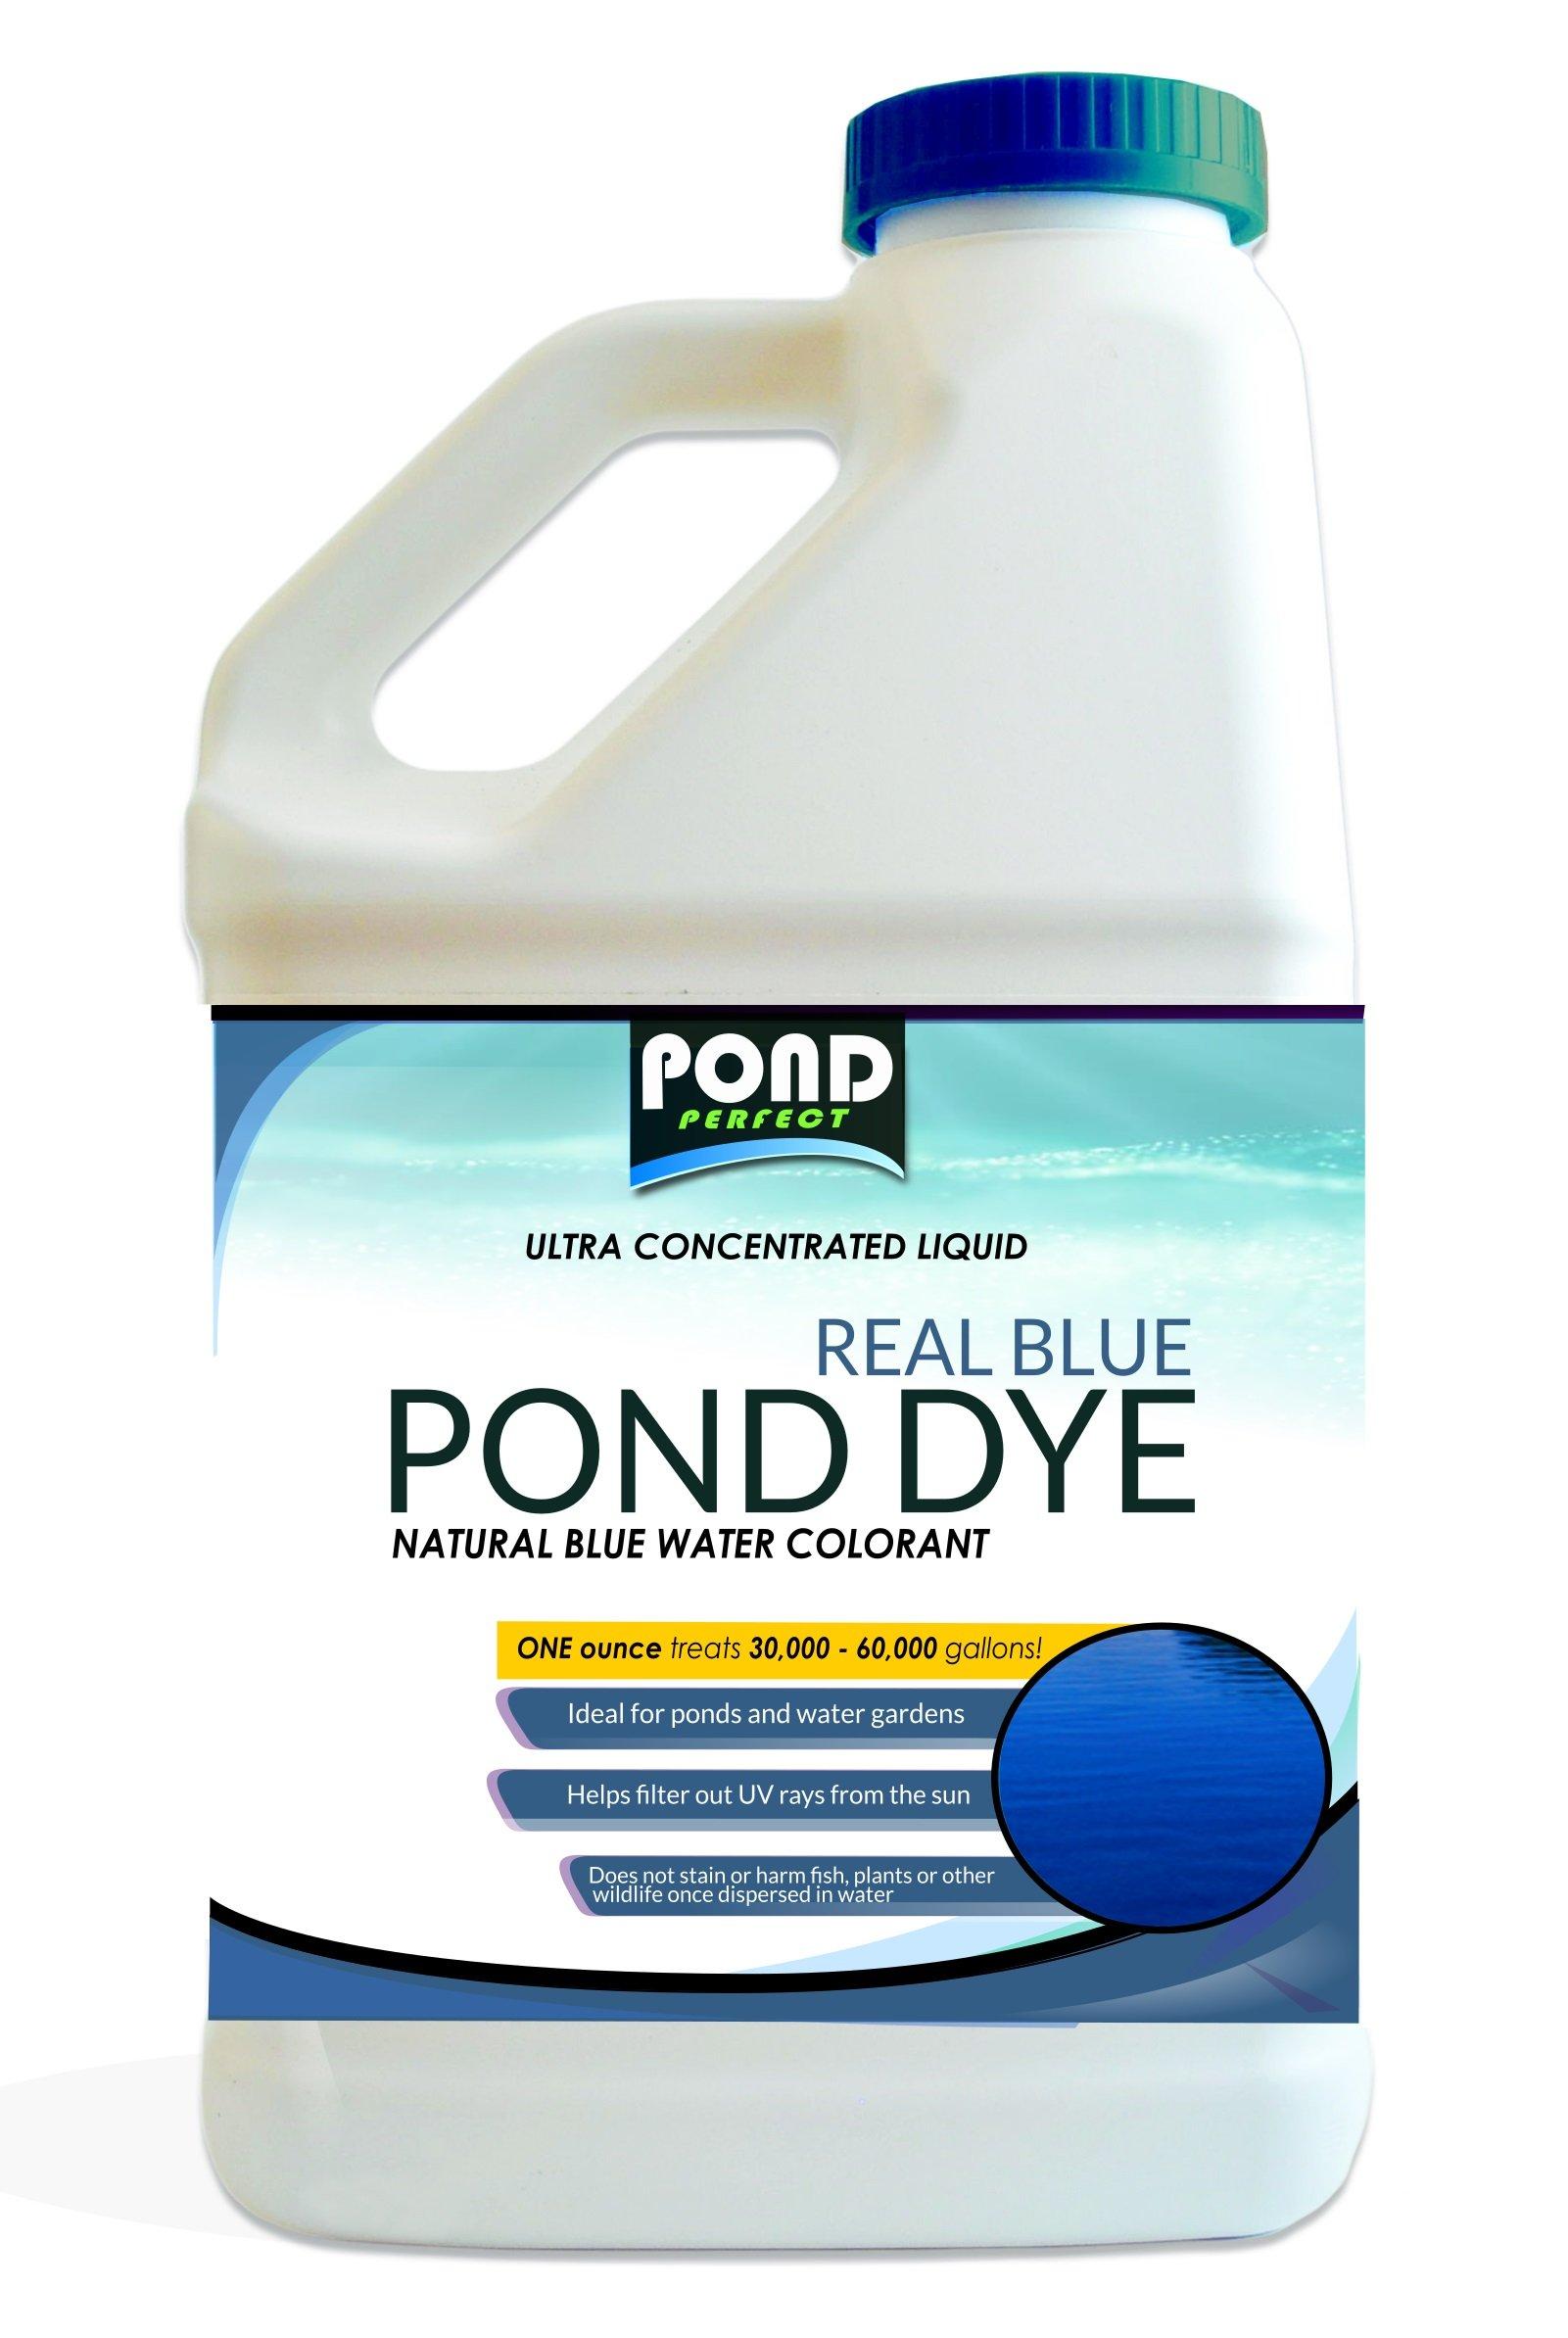 Pond Dye Maximum Concentrate Liquid